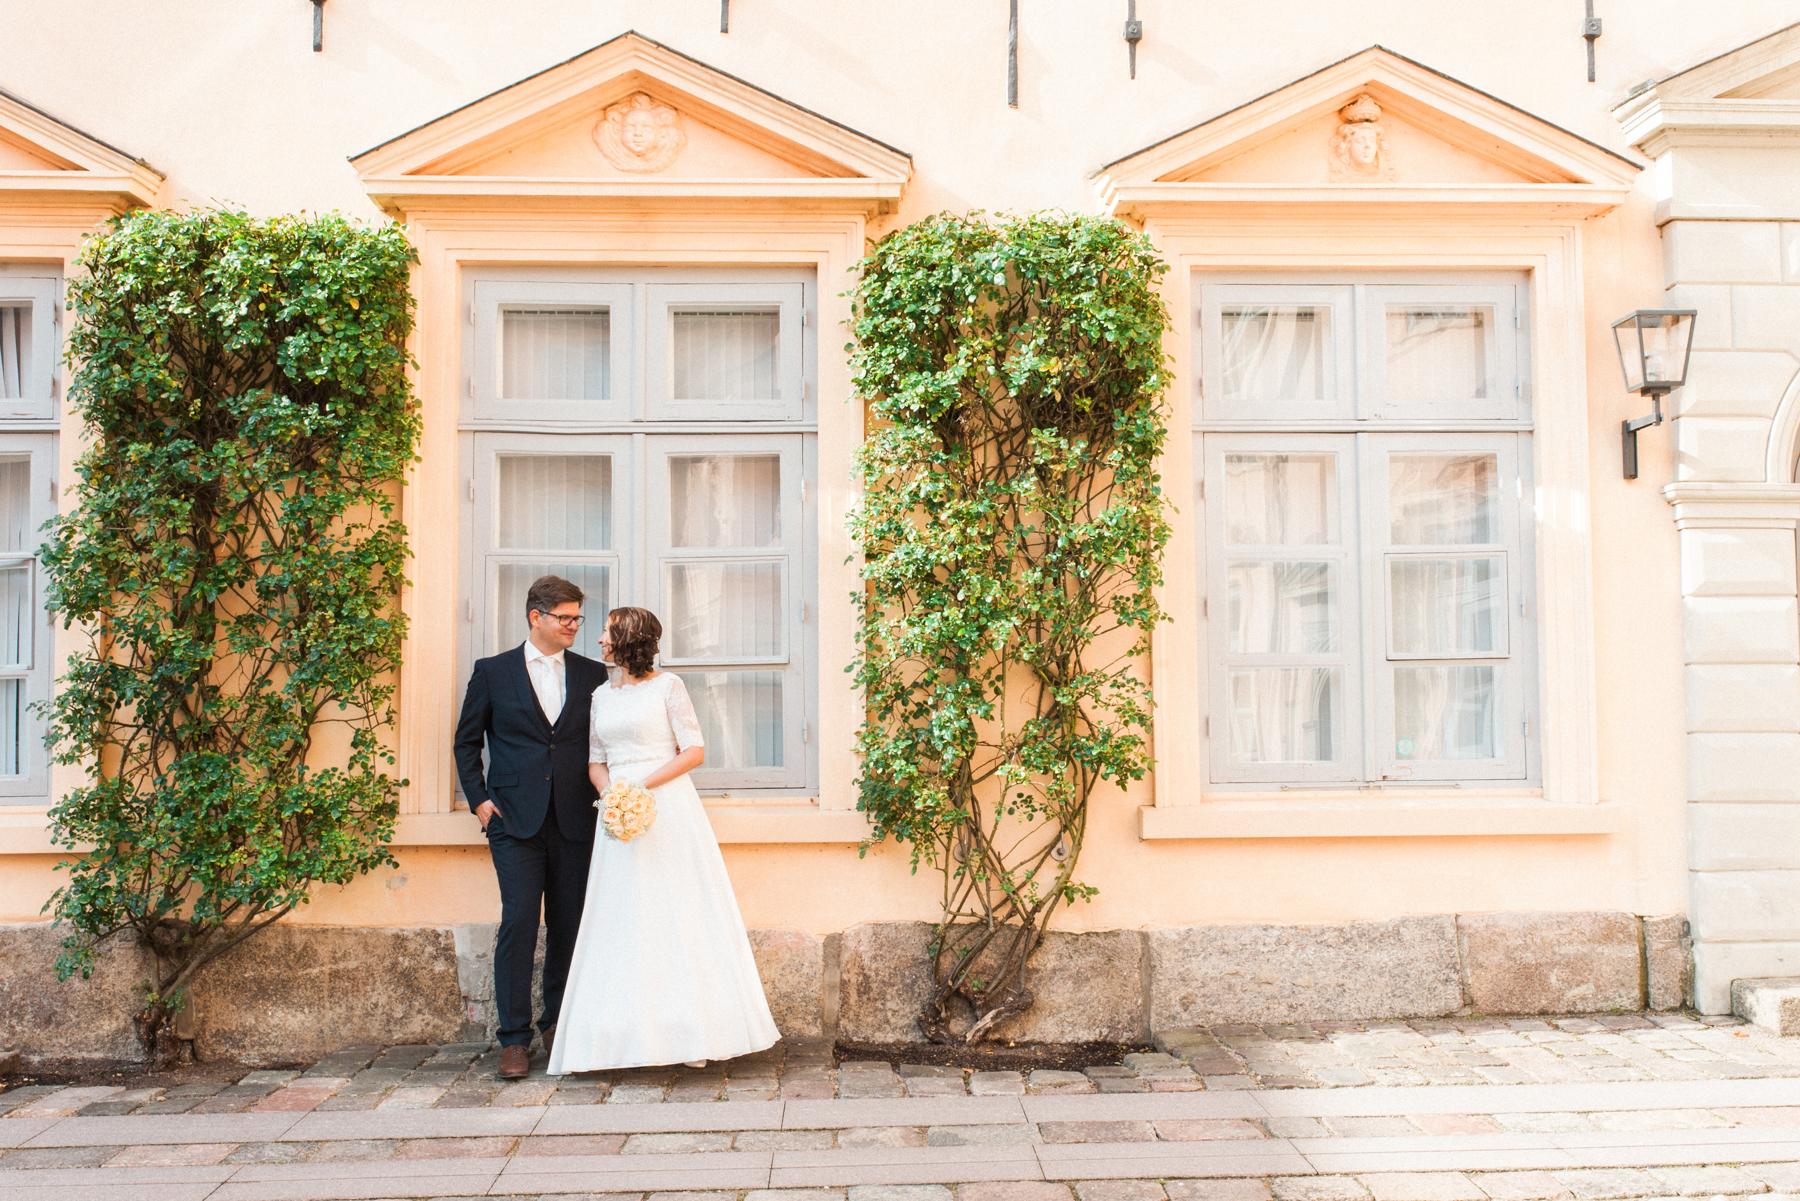 Bluhm-Hochzeitsfotograf-HochzeitamMeer-49.jpg